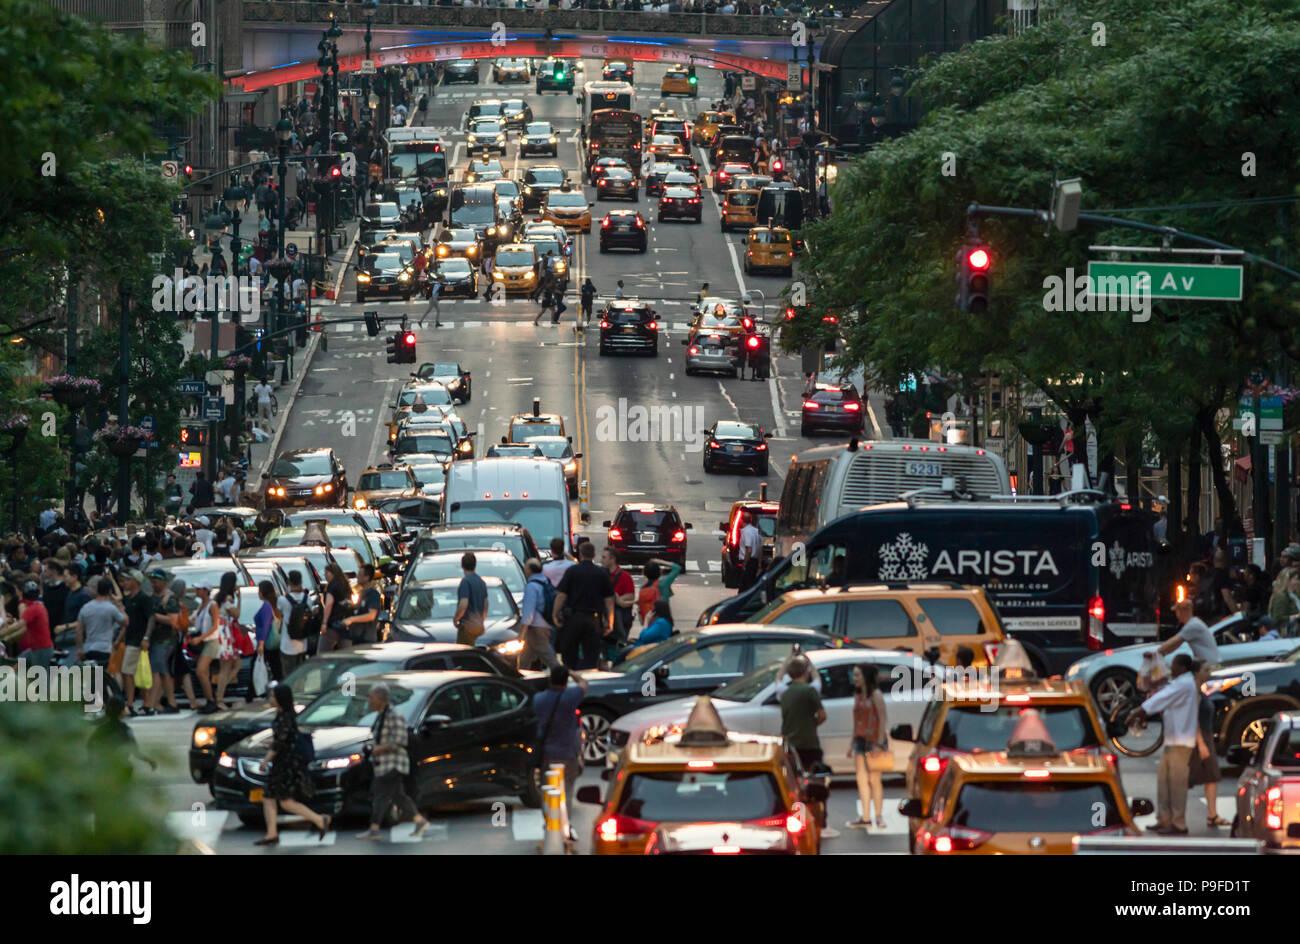 La congestión de peatones y automóviles en Manhattan, Ciudad de Nueva York. Imagen De Stock